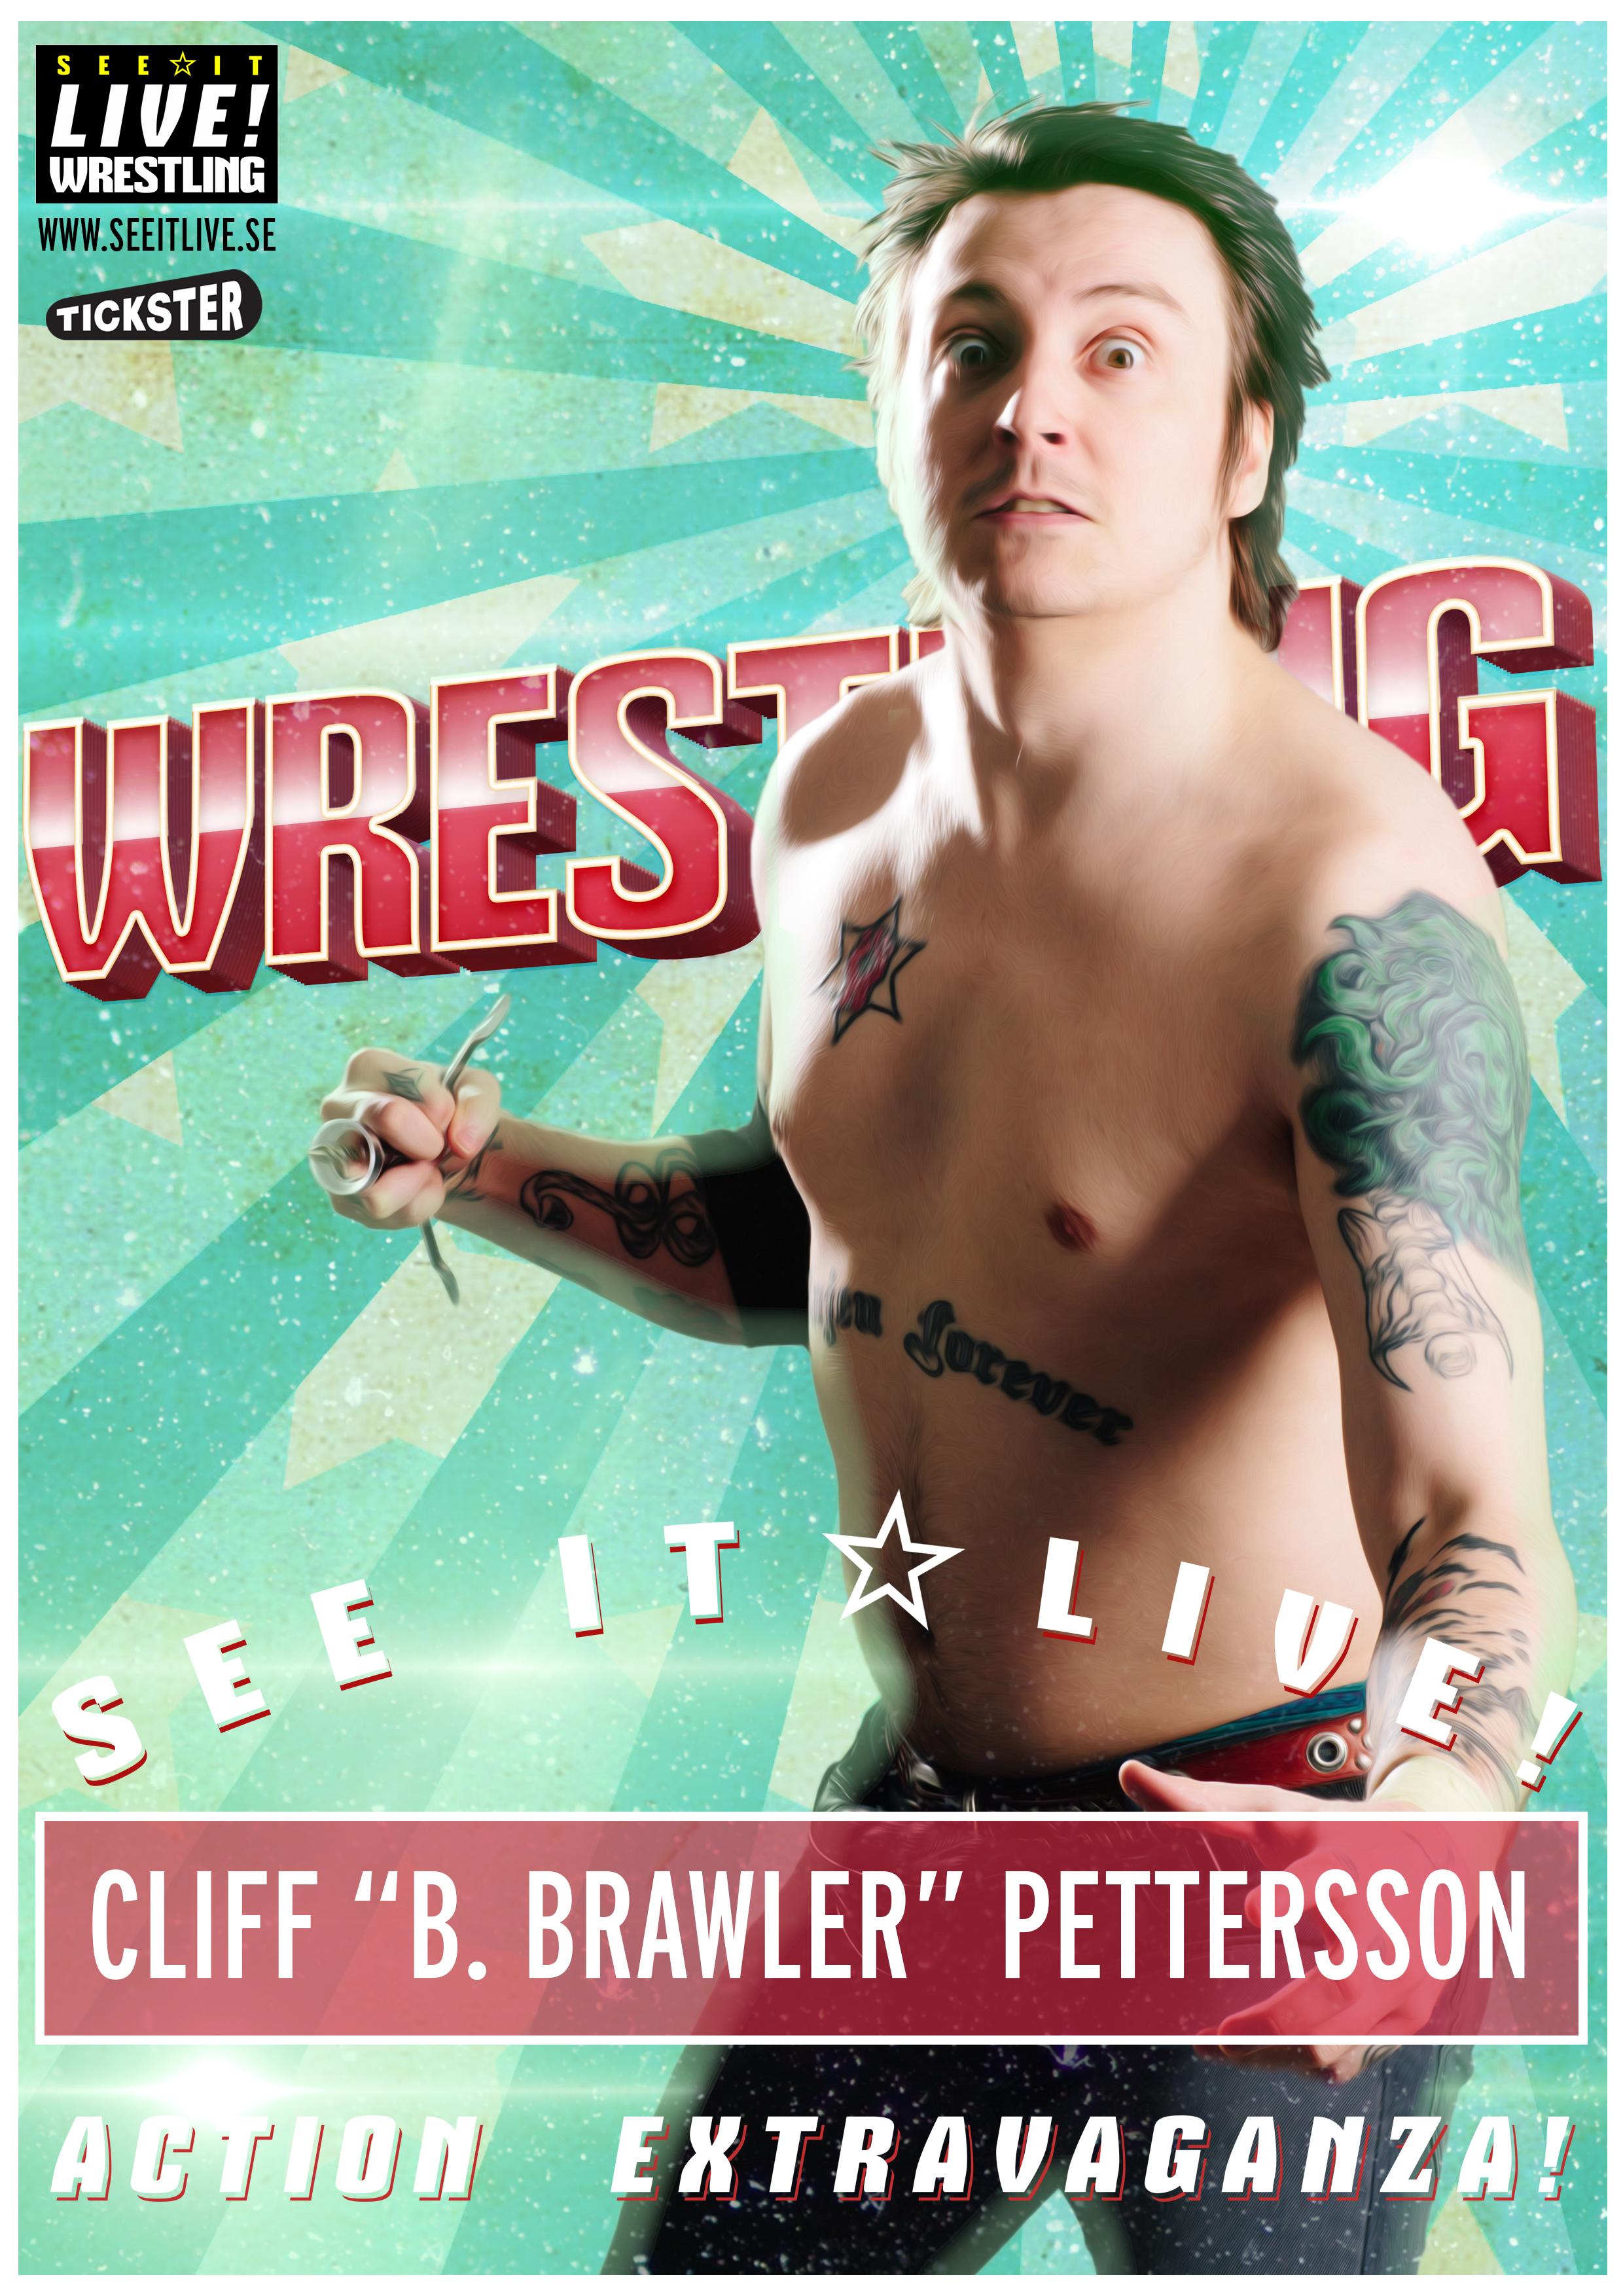 Cliff Pettersson